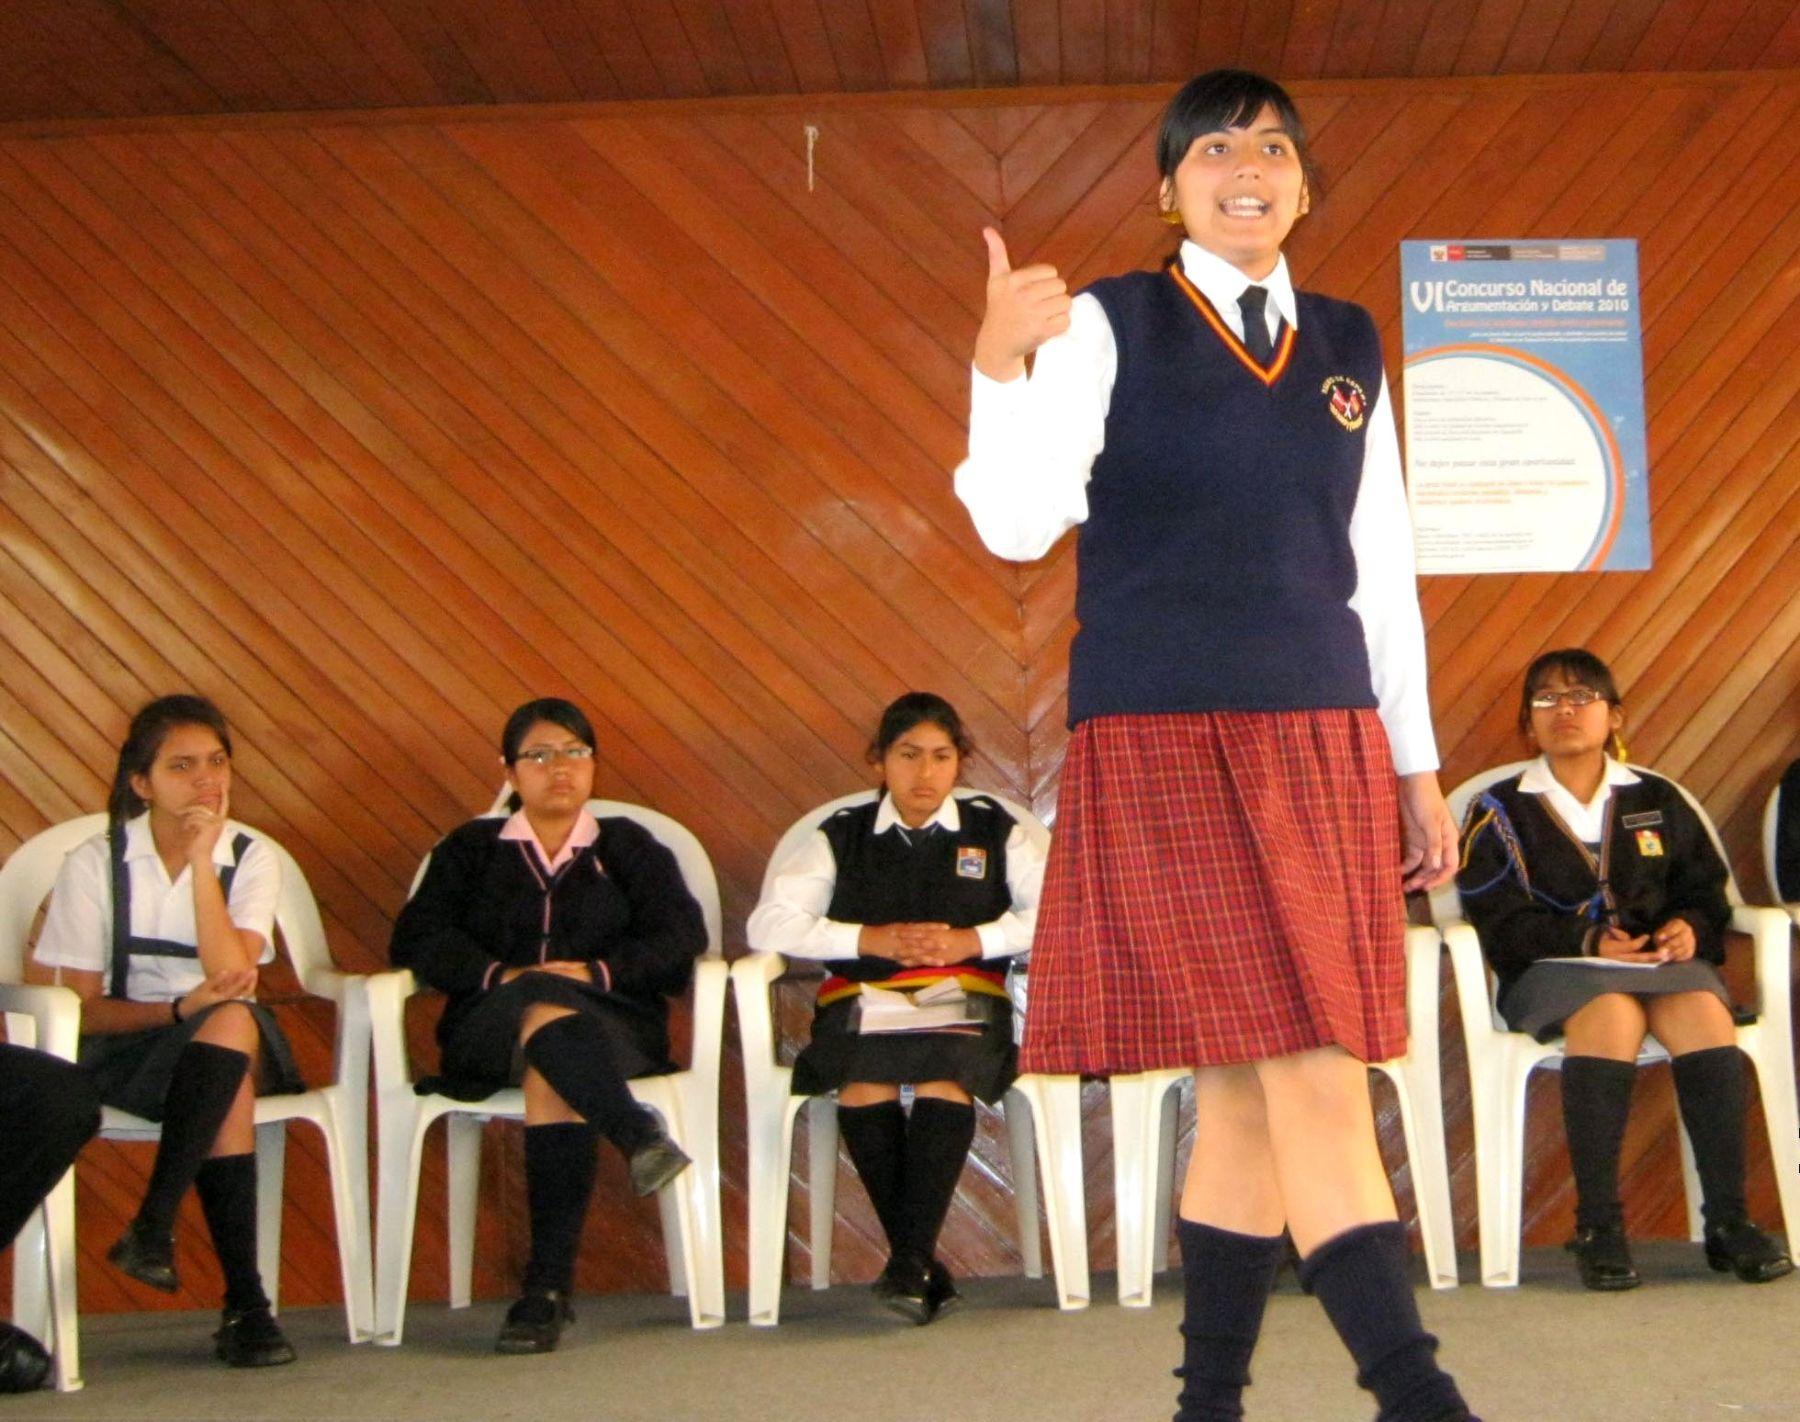 Minedu convoca a concursos nacionales de argumentación, debate y redacción. Foto: ANDINA/Difusión.